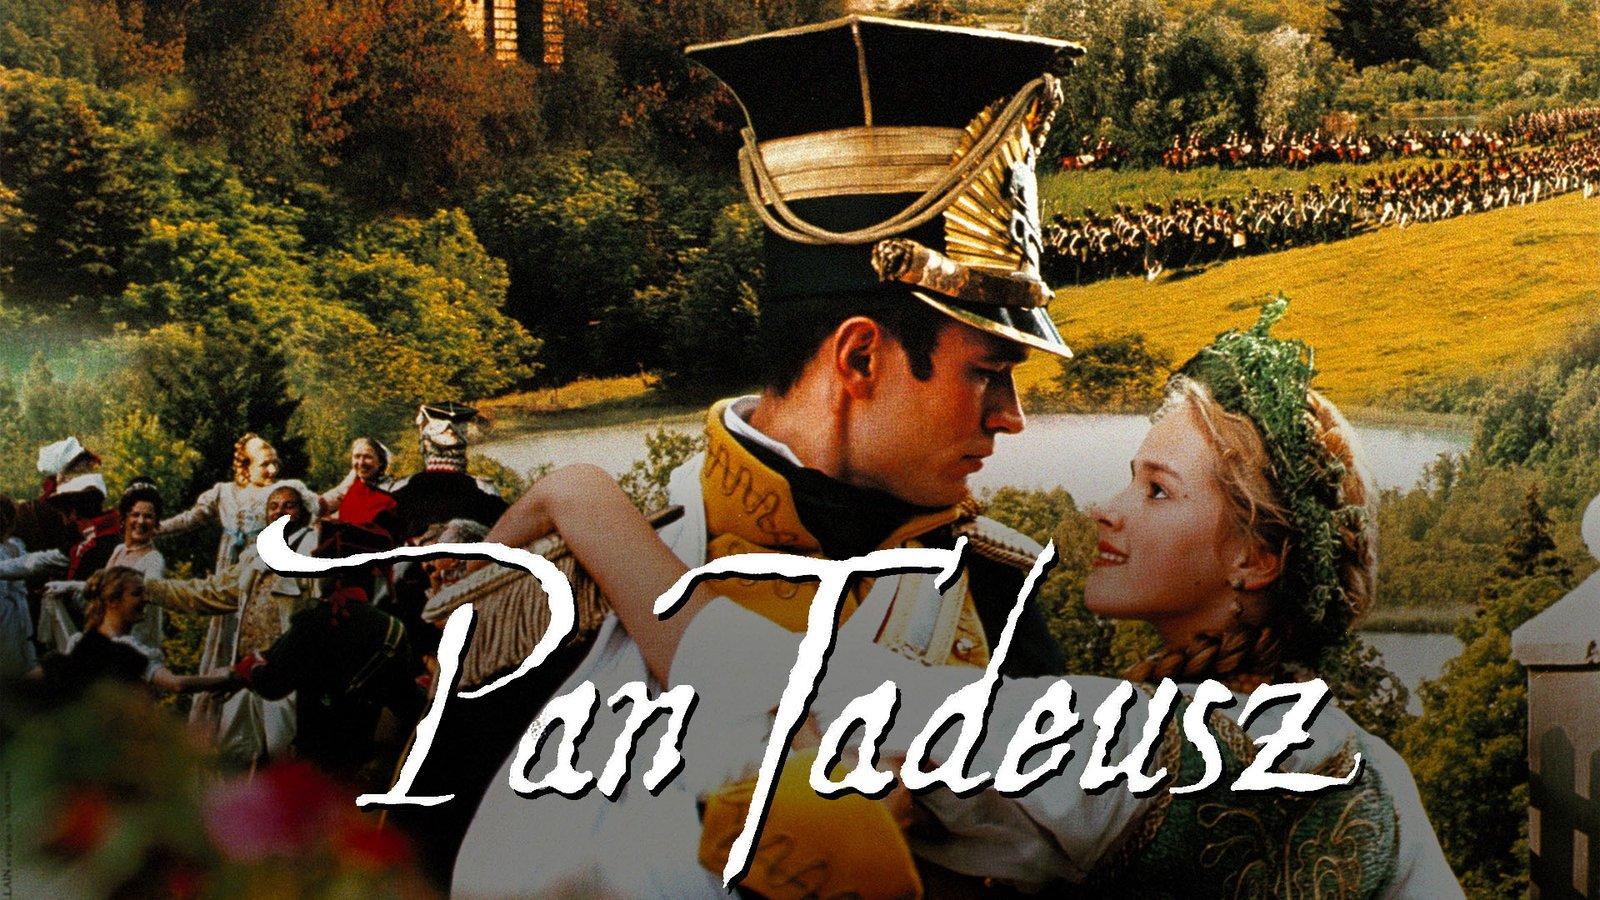 Pan Tadeusz - Pan Tadeusz: the Last Foray in Lithuania